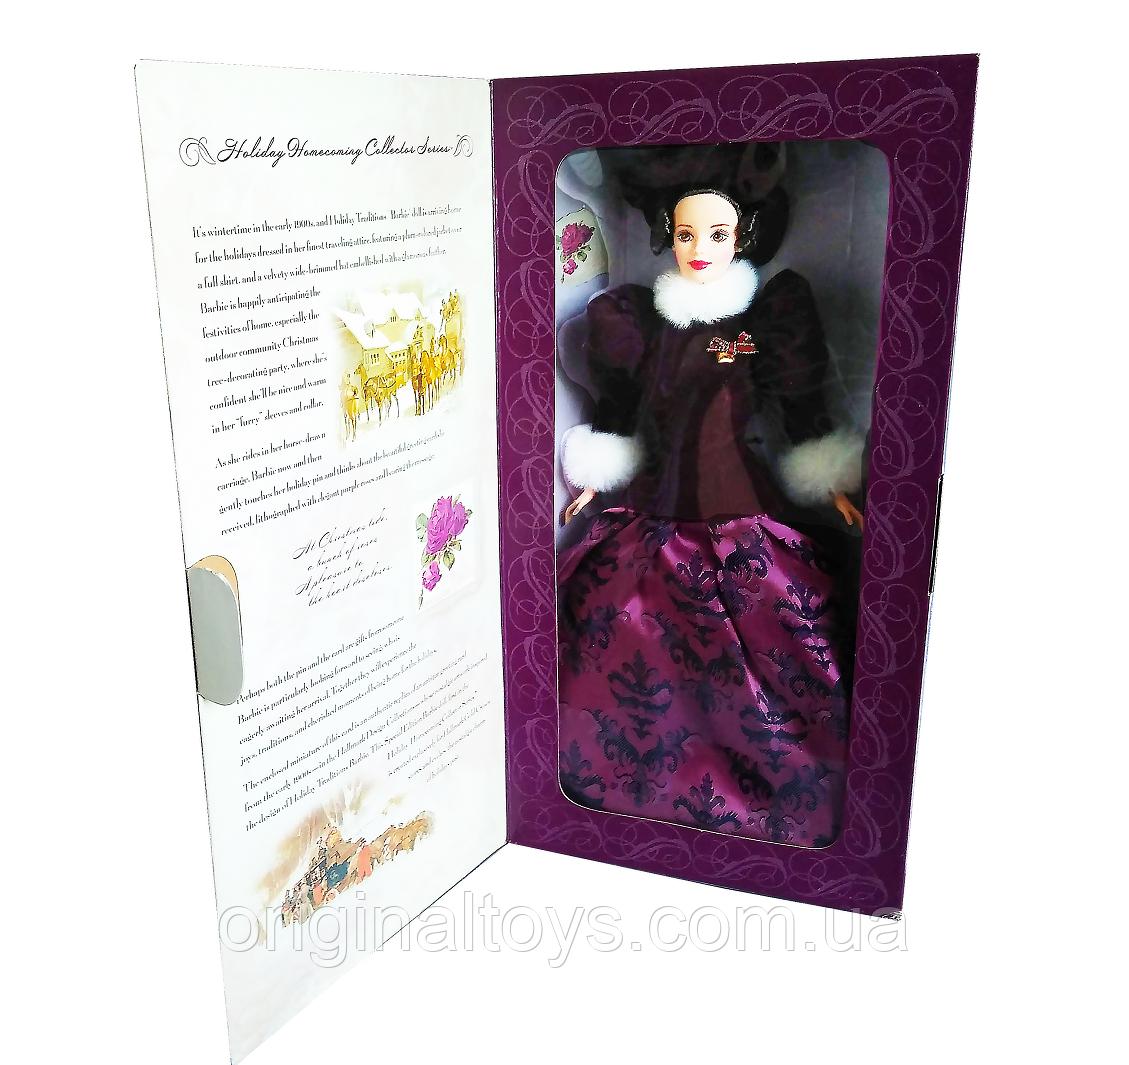 Колекційна лялька Барбі Barbie Hallmark Holiday Traditions Special Edition 1996 Mattel 17094